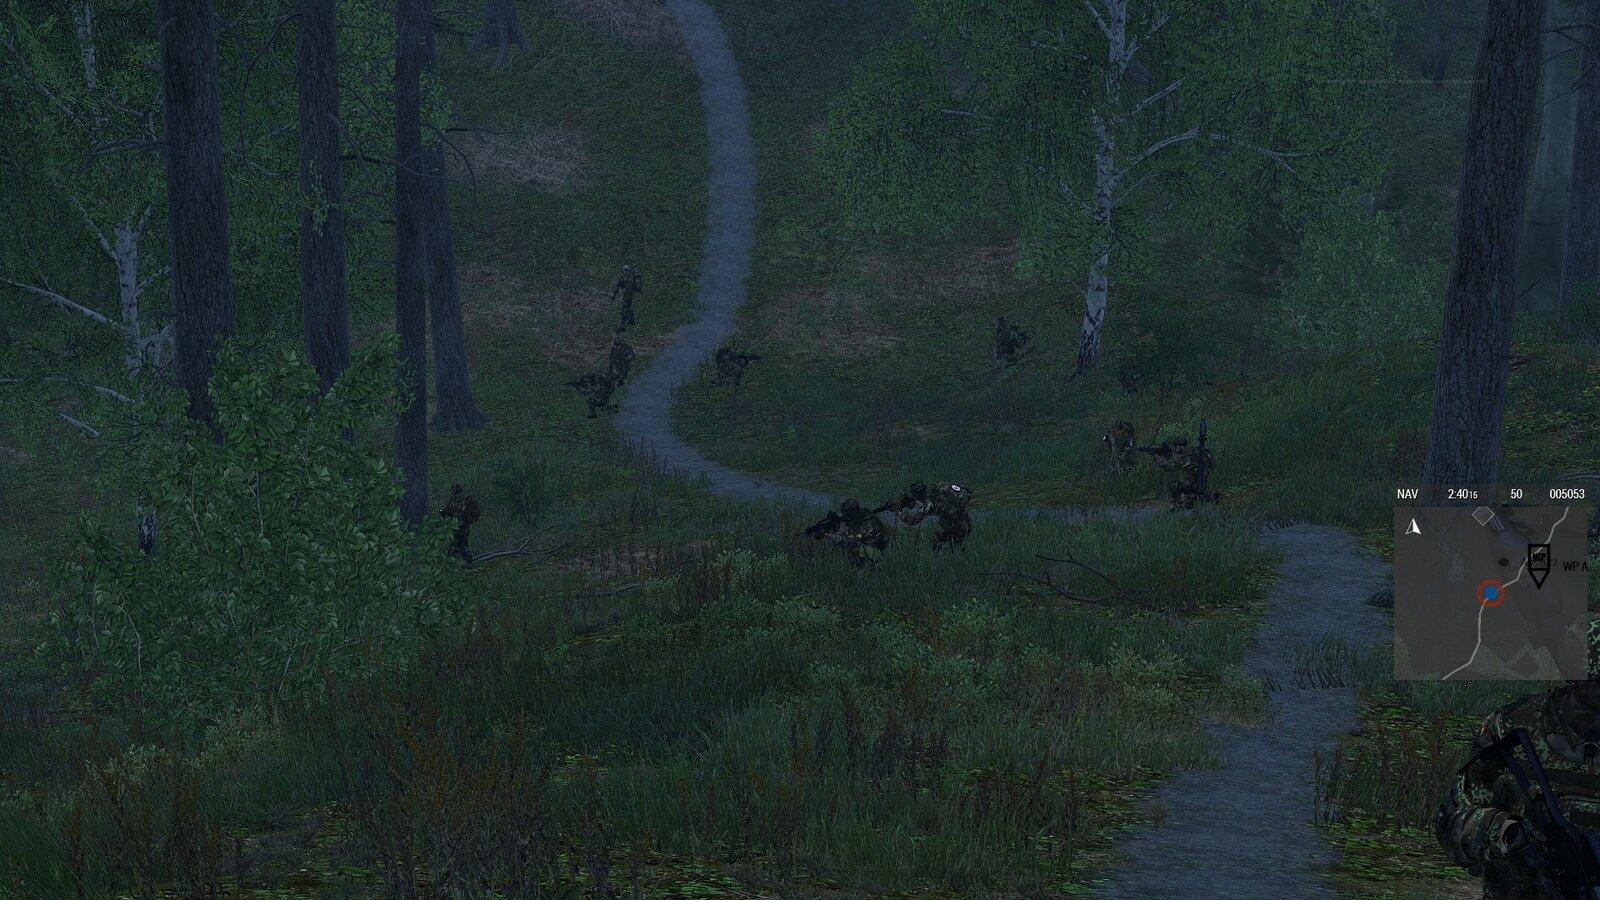 Sicherung im Wald Aufgebaut